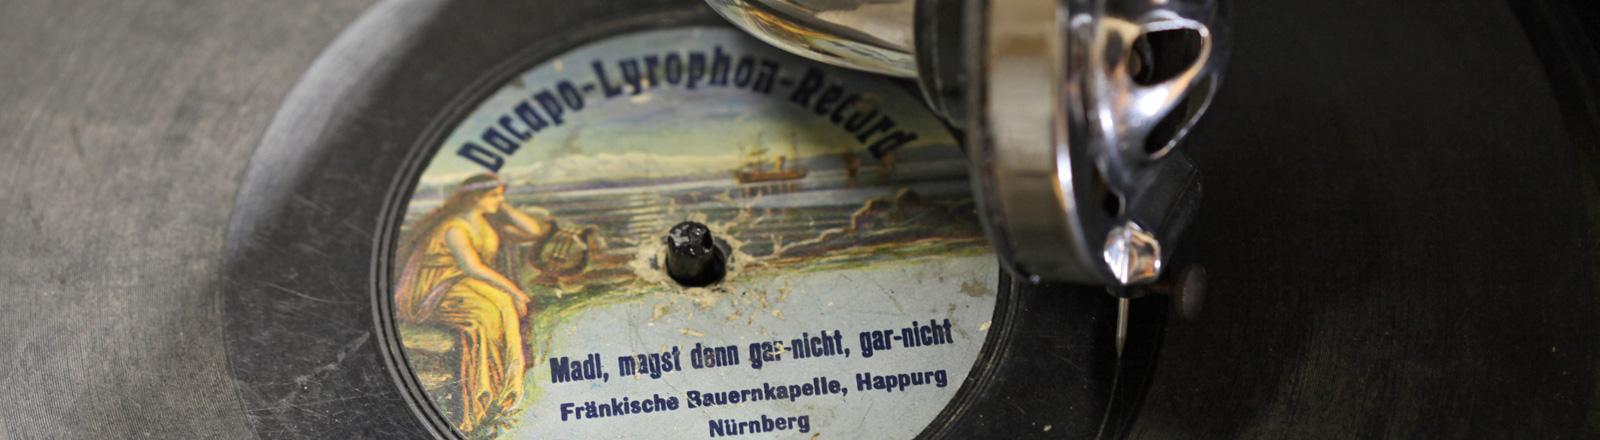 Eine Schellack-Platte auf der die Plattennadel liegt; Bild: dpa